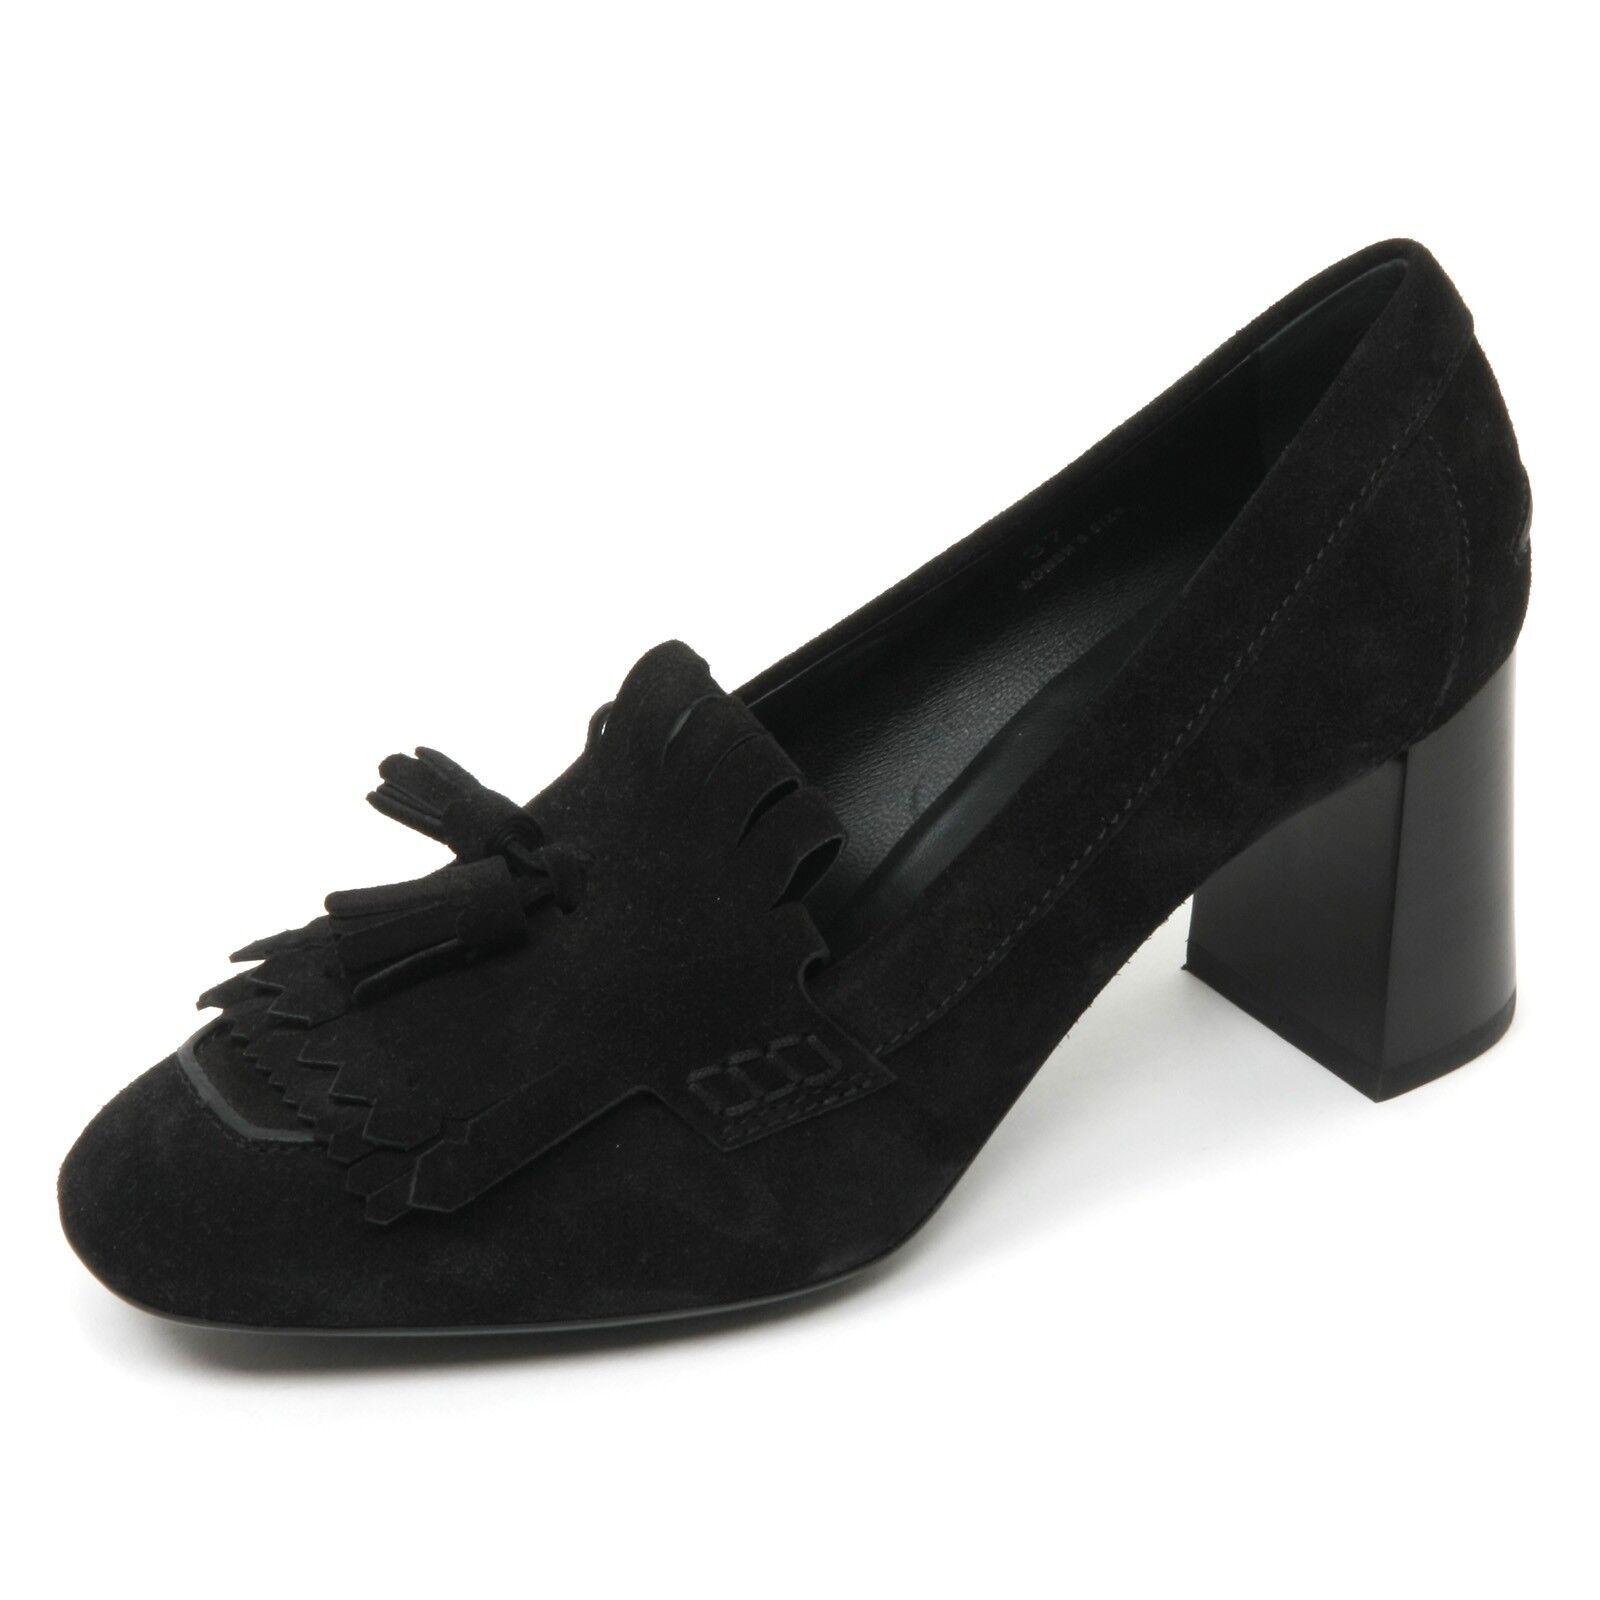 ti renderà soddisfatto B9578 decollete donna TOD'S TOD'S TOD'S gomma T70 scarpa frangia nappine nero scarpe Donna  autorizzazione ufficiale